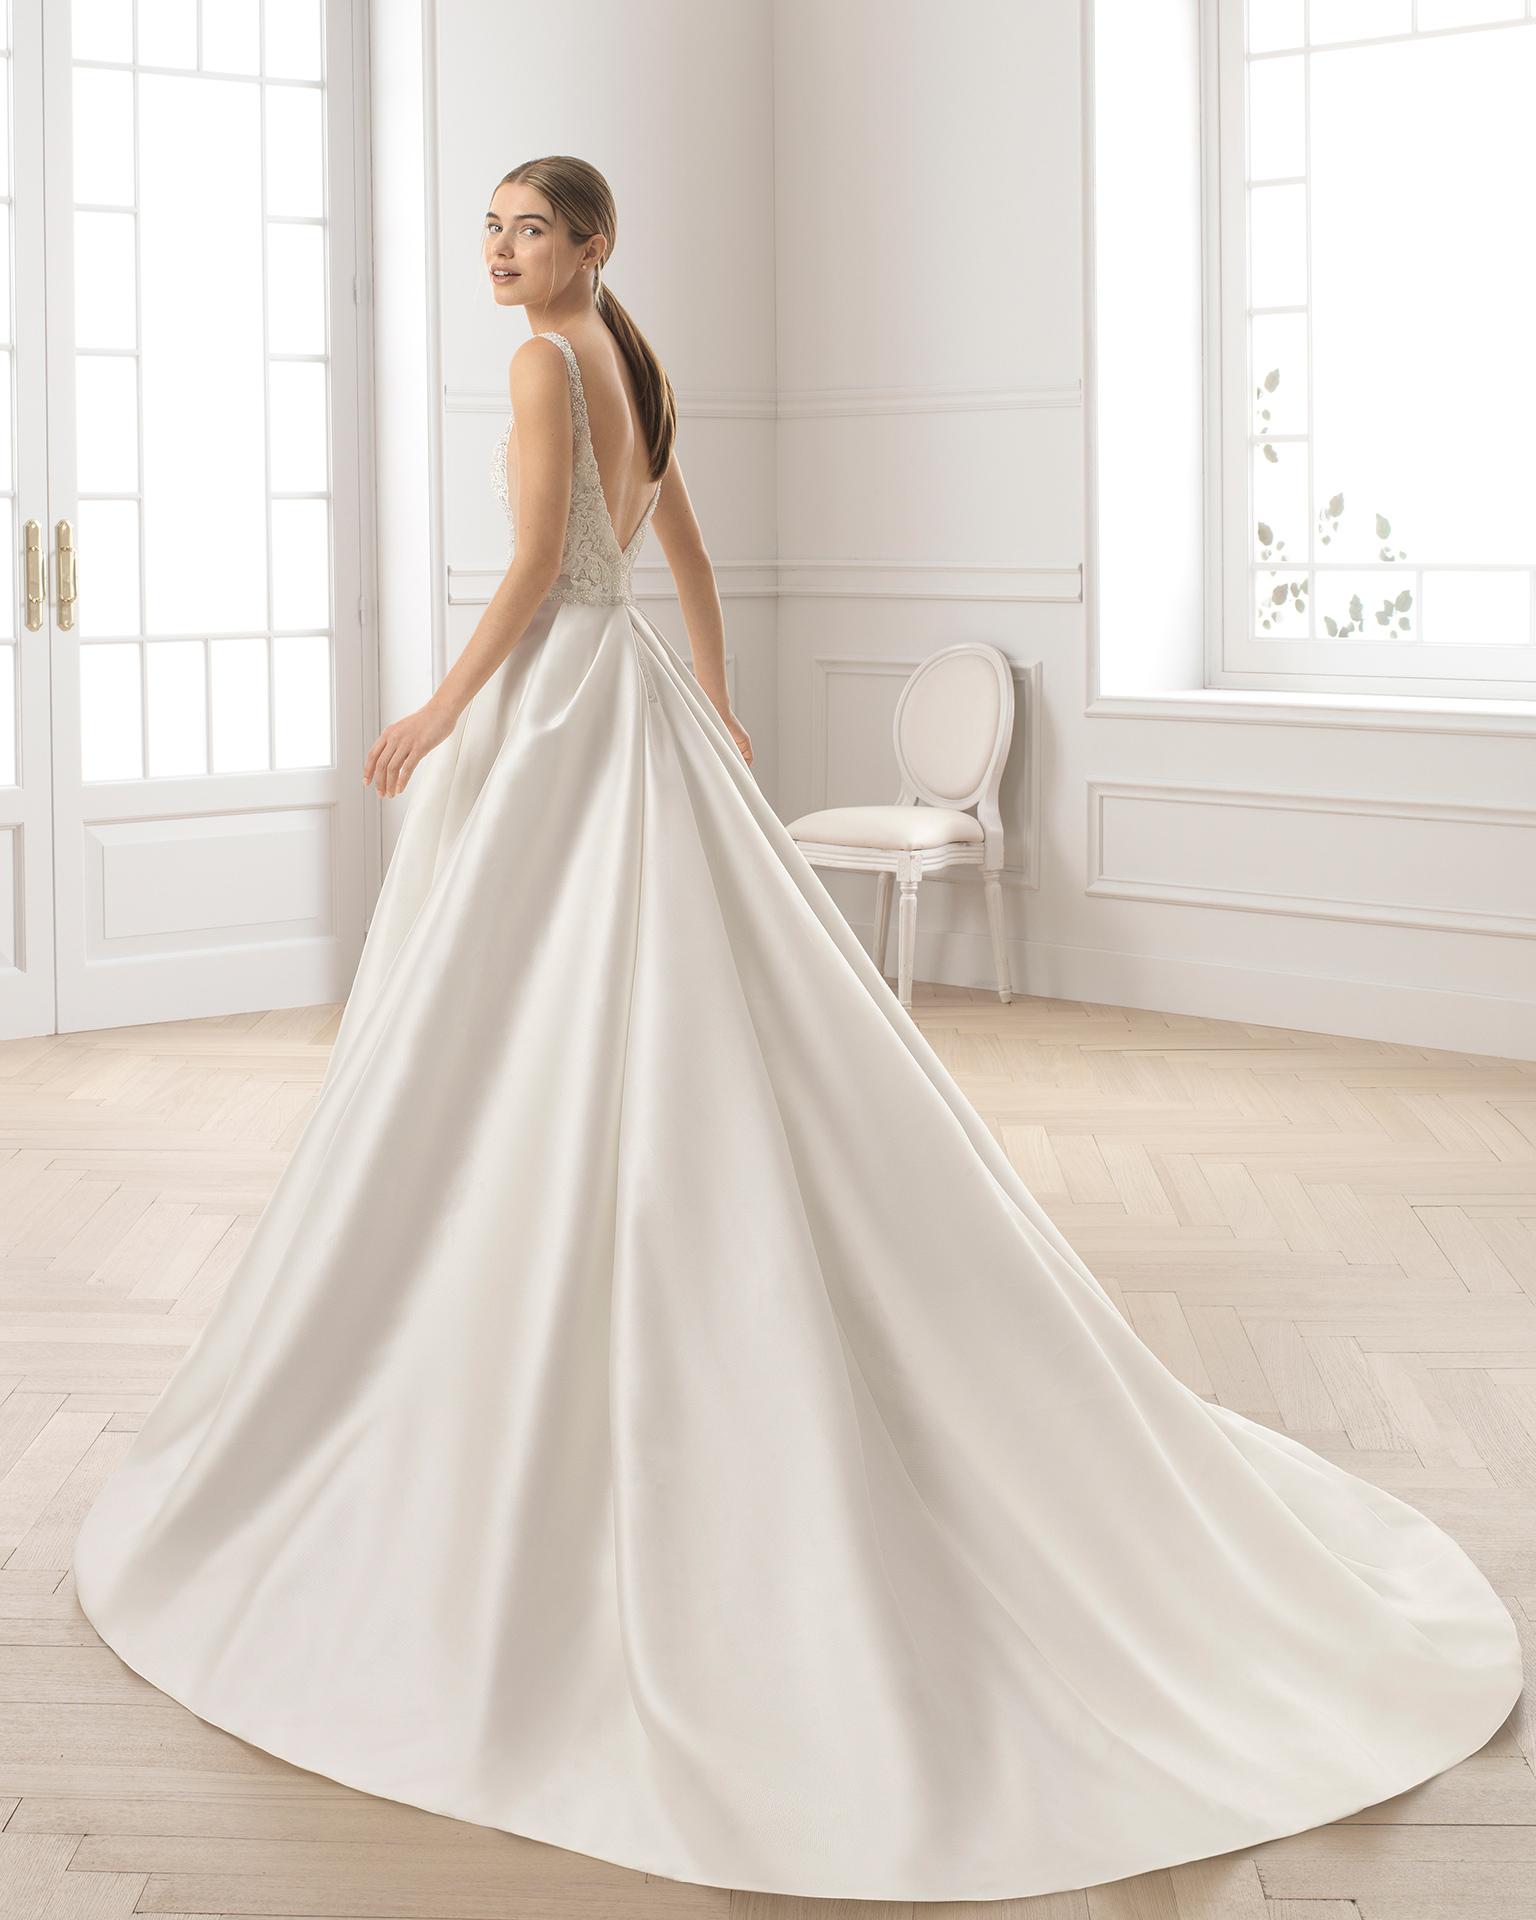 Vestido de noiva estilo linha A de tamis e renda de brilhantes. Decote em V e costas em V. Disponível em cor natural. Coleção AIRE BARCELONA 2019.